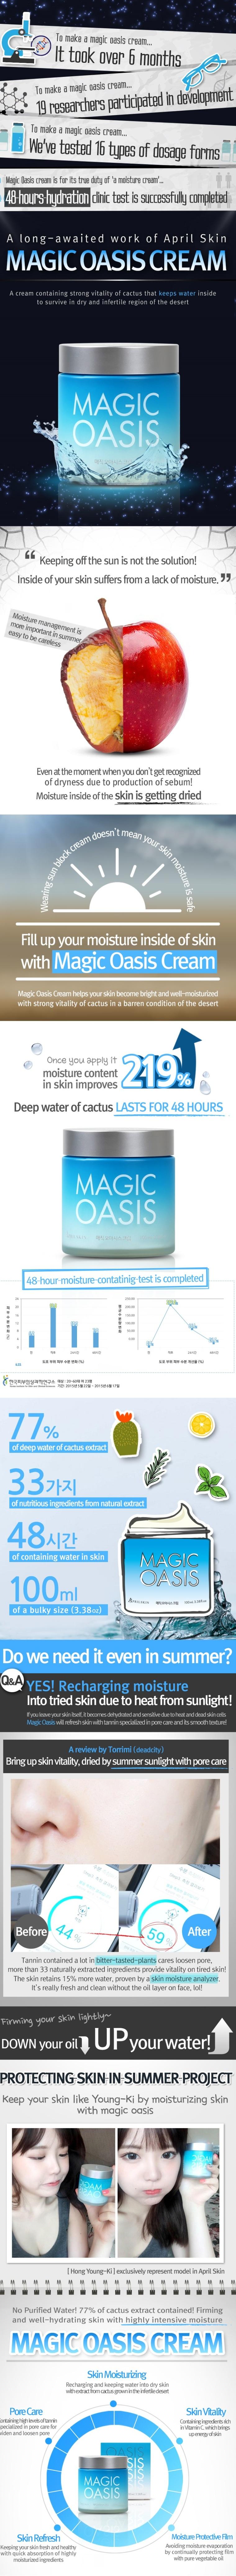 Magic Oasis Cream2